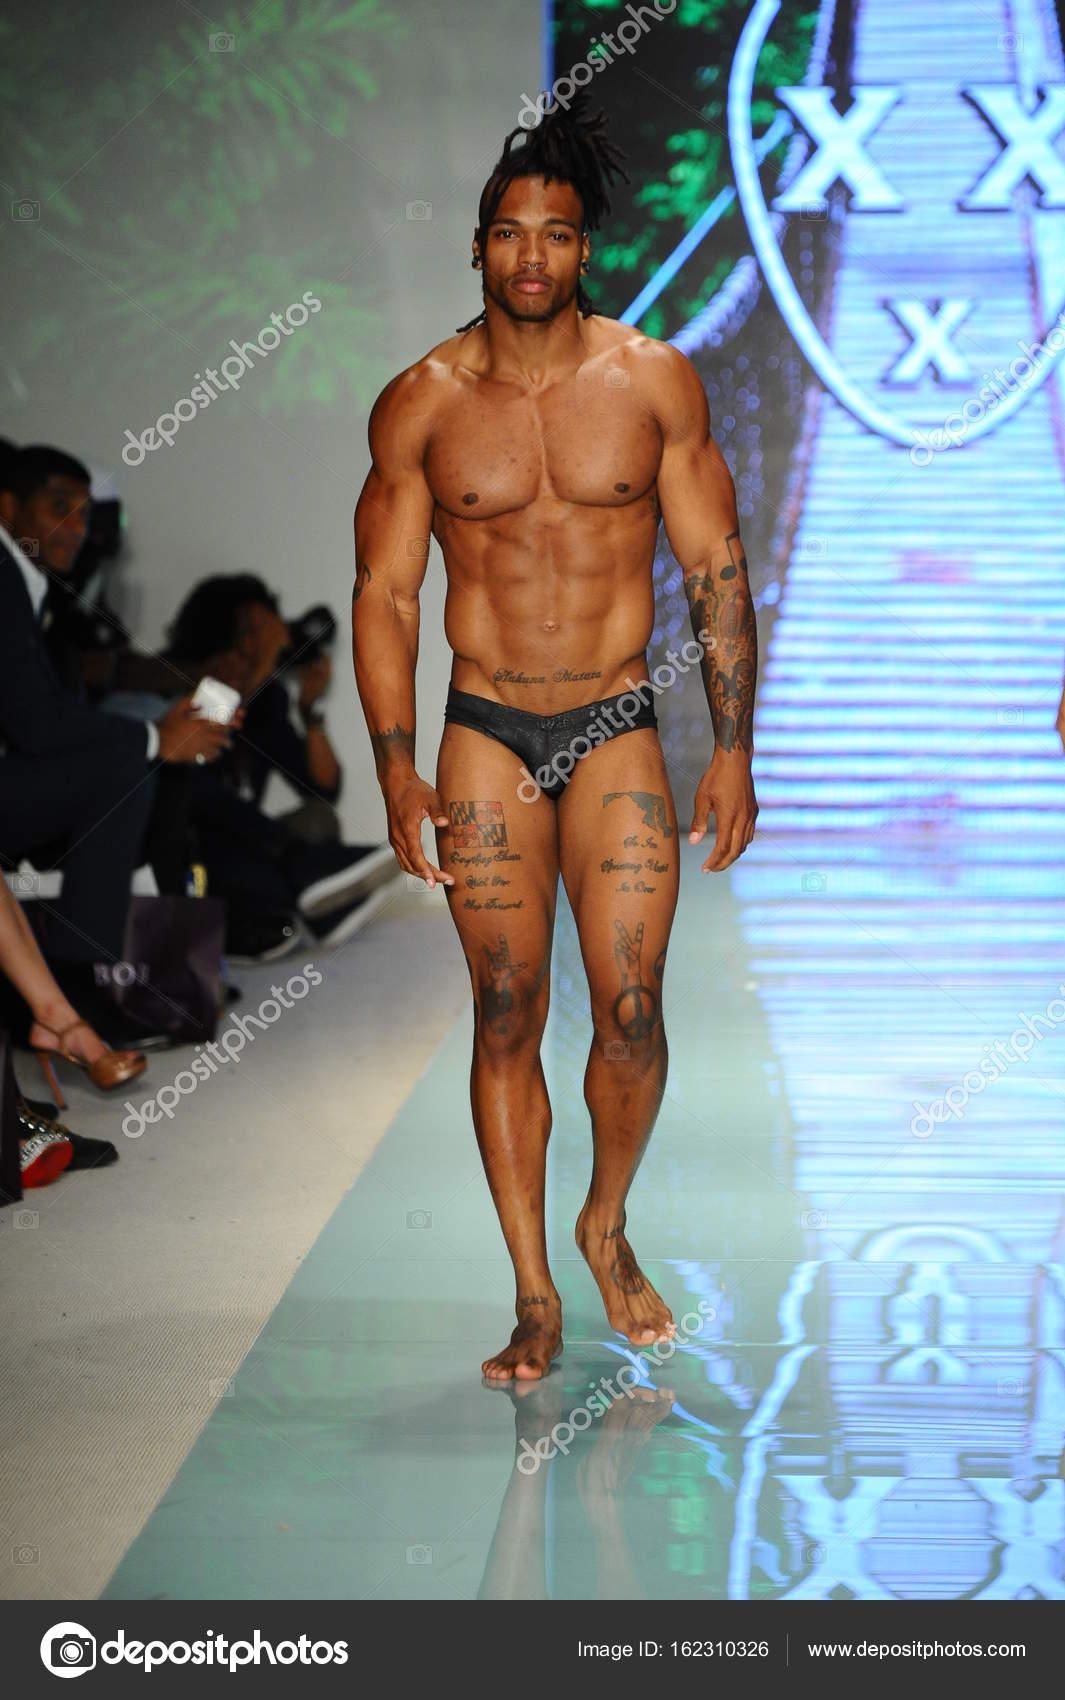 modenschau männer nackt